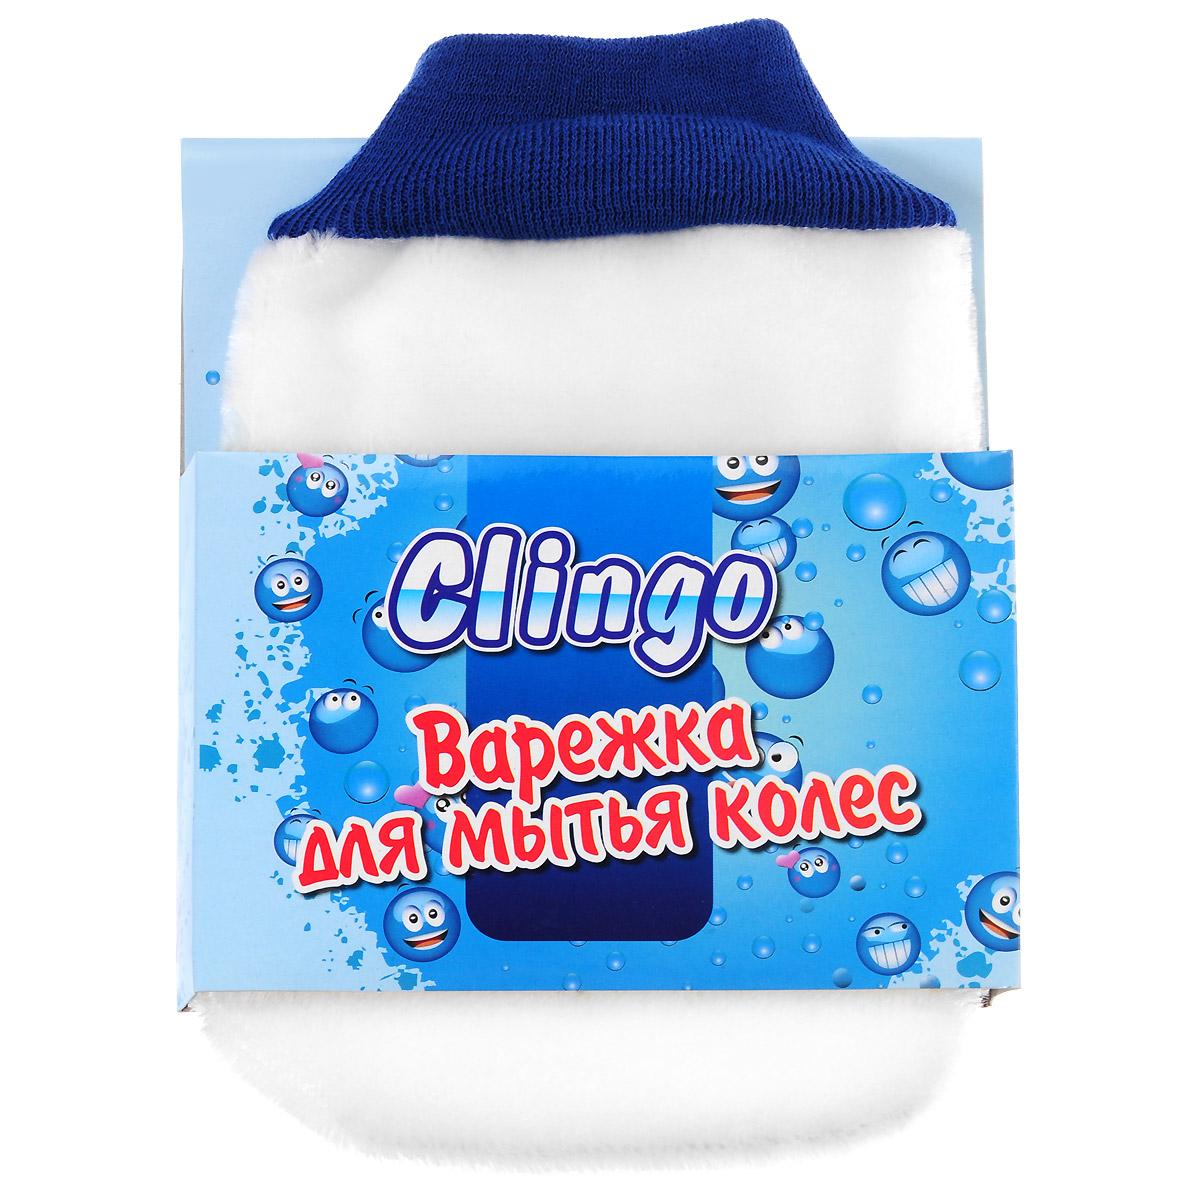 Рукавичка для мытья колес Clingo, жесткий ворс, 24,5 см х 16 смCGL-01